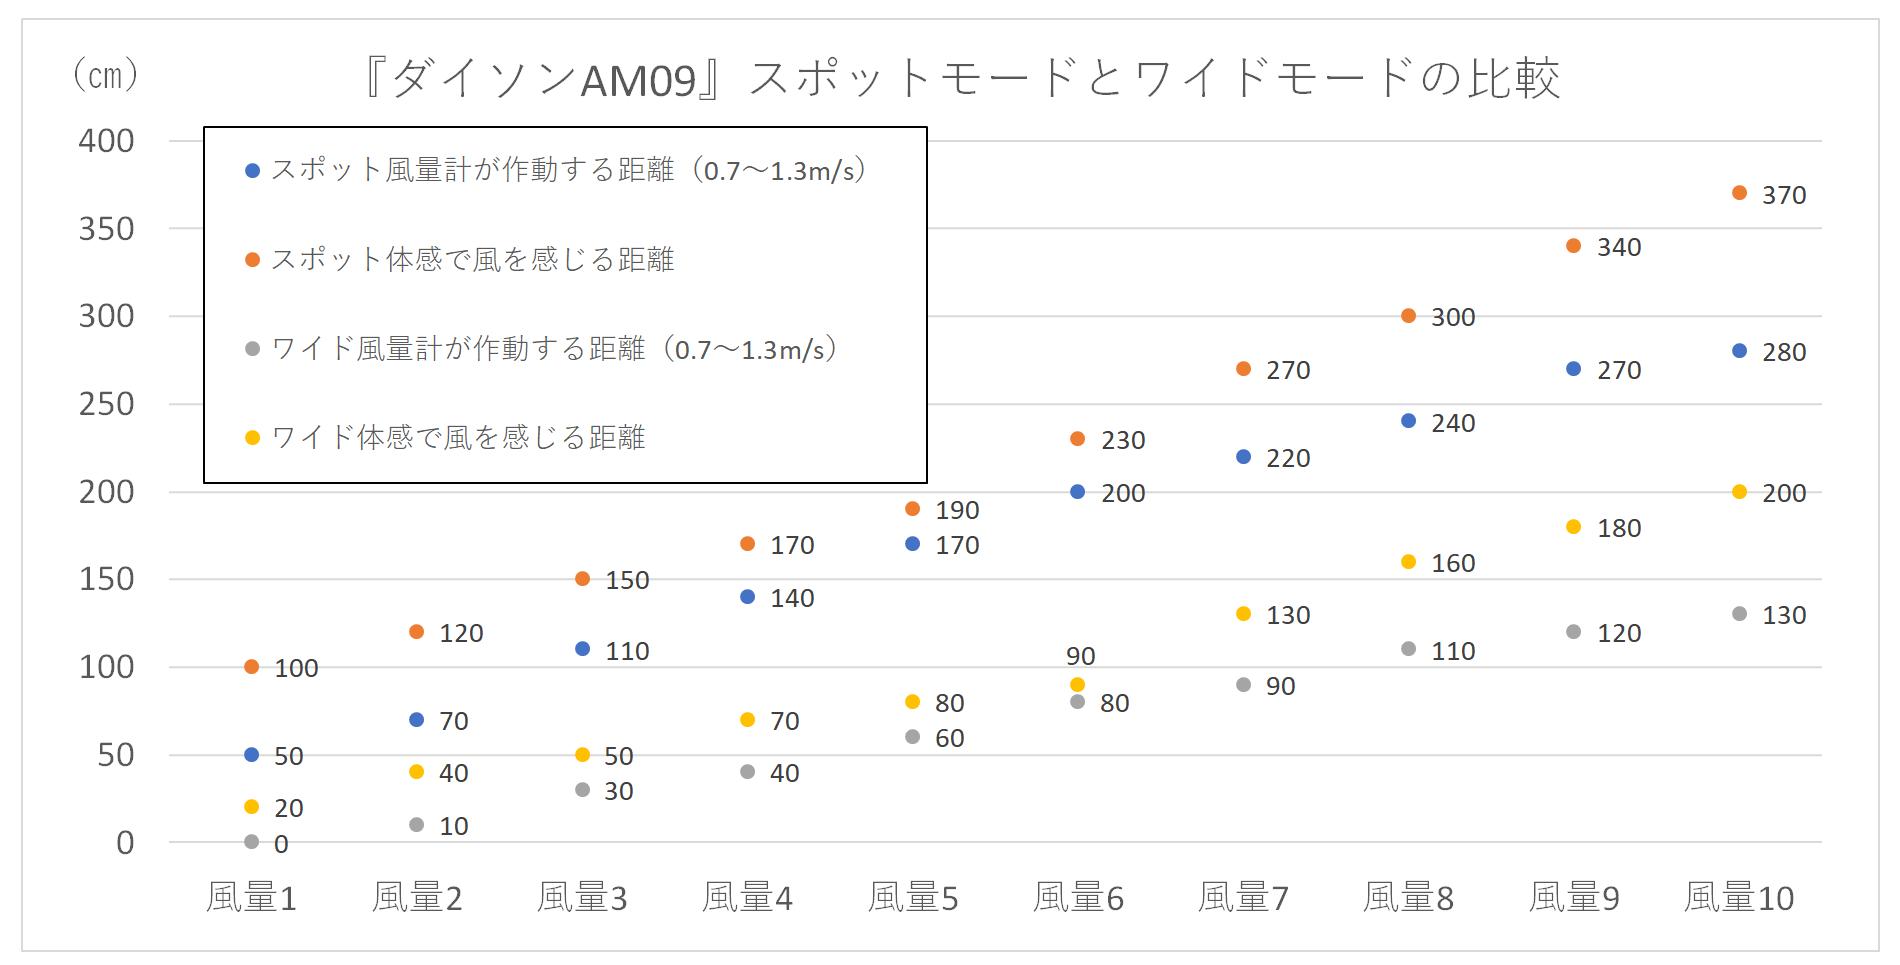 スポットモードとワイドモードの風が届く距離をグラフ化して比較したもの